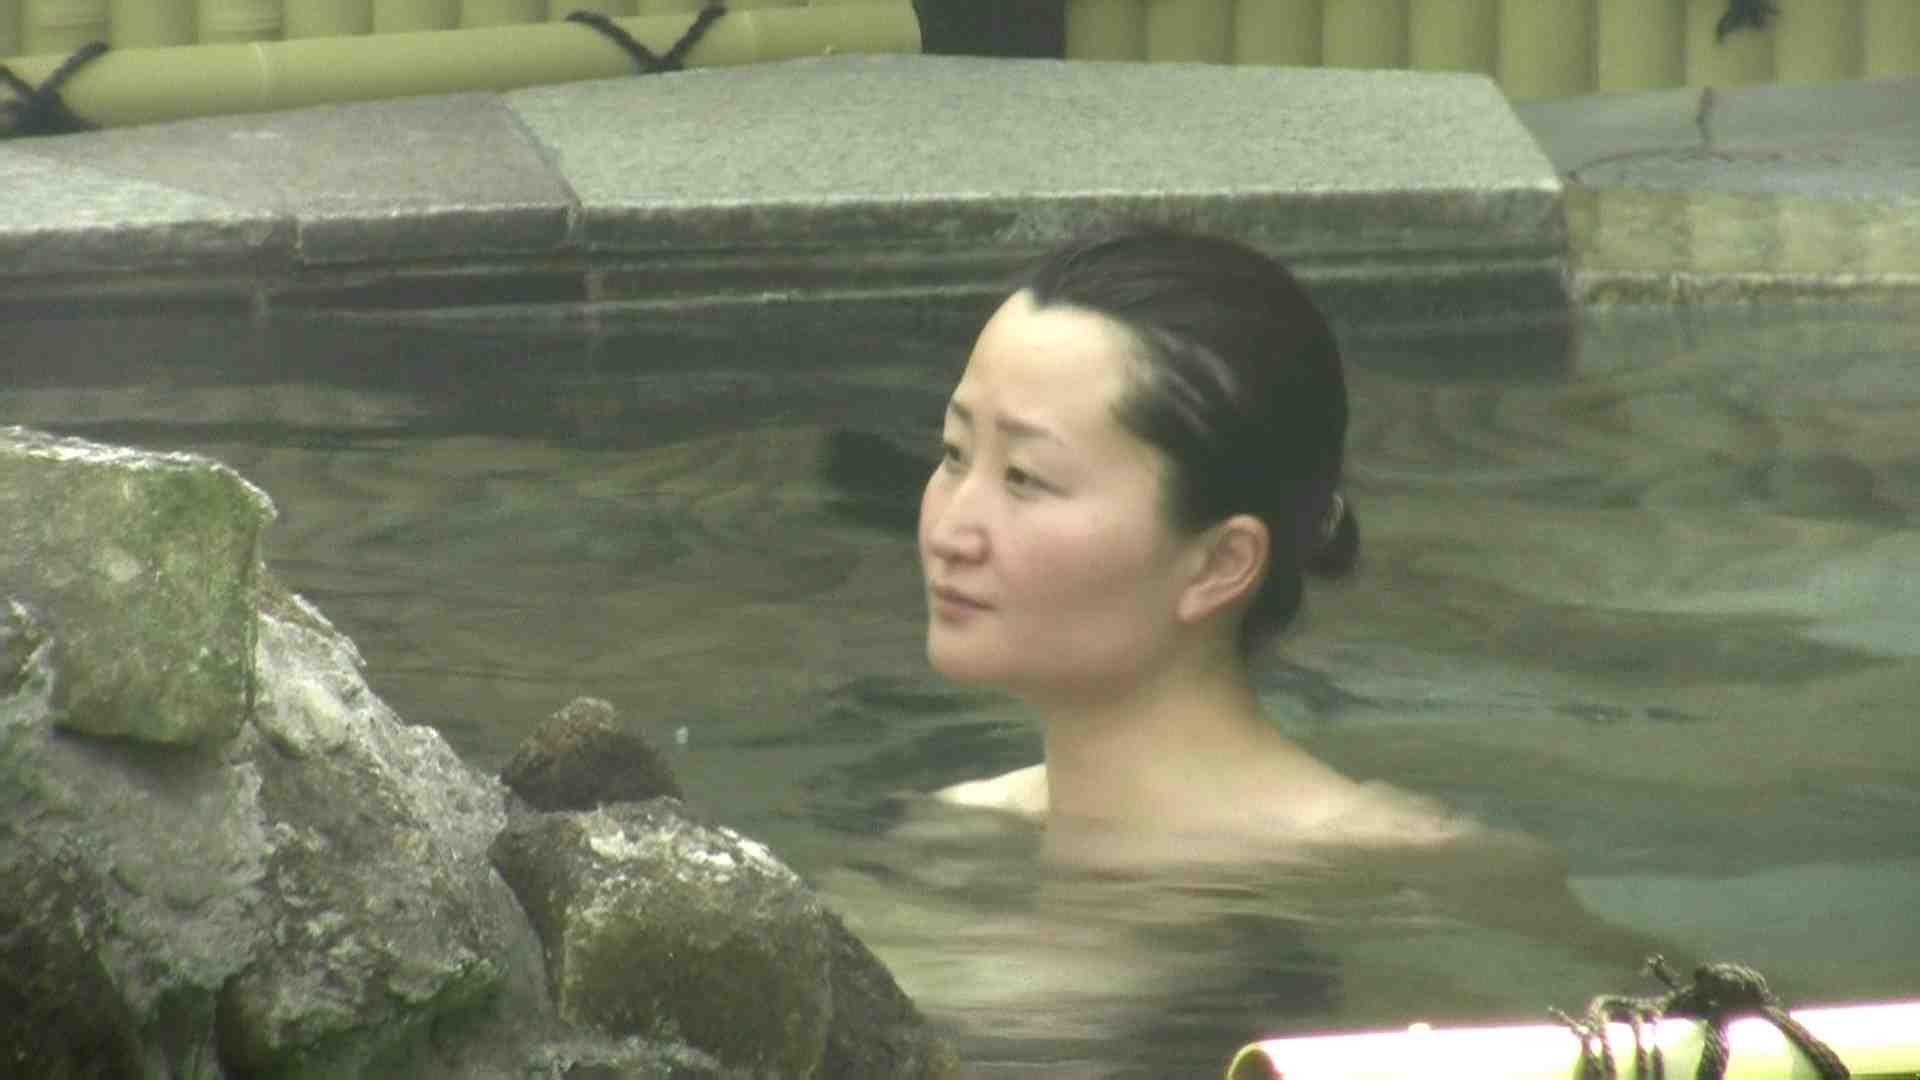 Aquaな露天風呂Vol.632 OL女体 のぞき動画画像 75連発 32